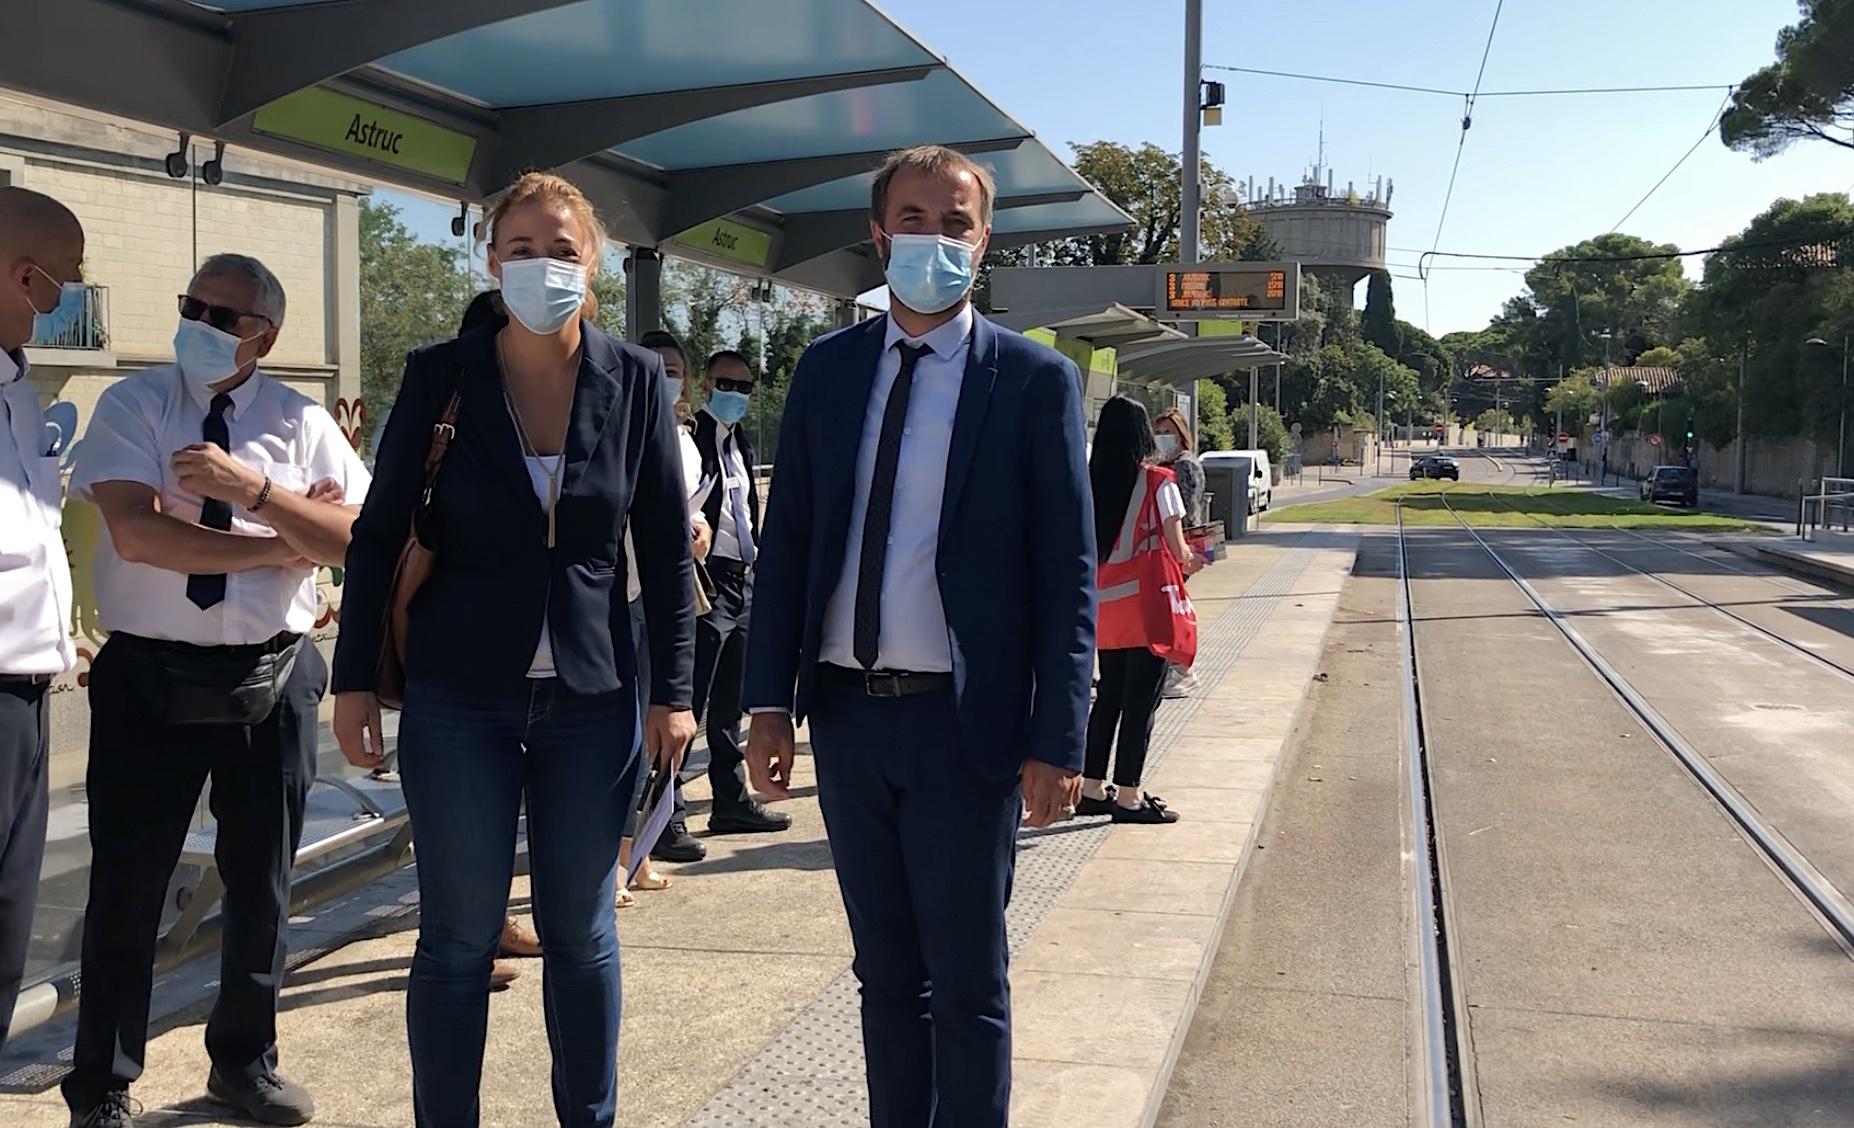 Julie Frêche et Michaël Delafosse, septembre 2021 - Phase 2 de la gratuité des transports ©JPV